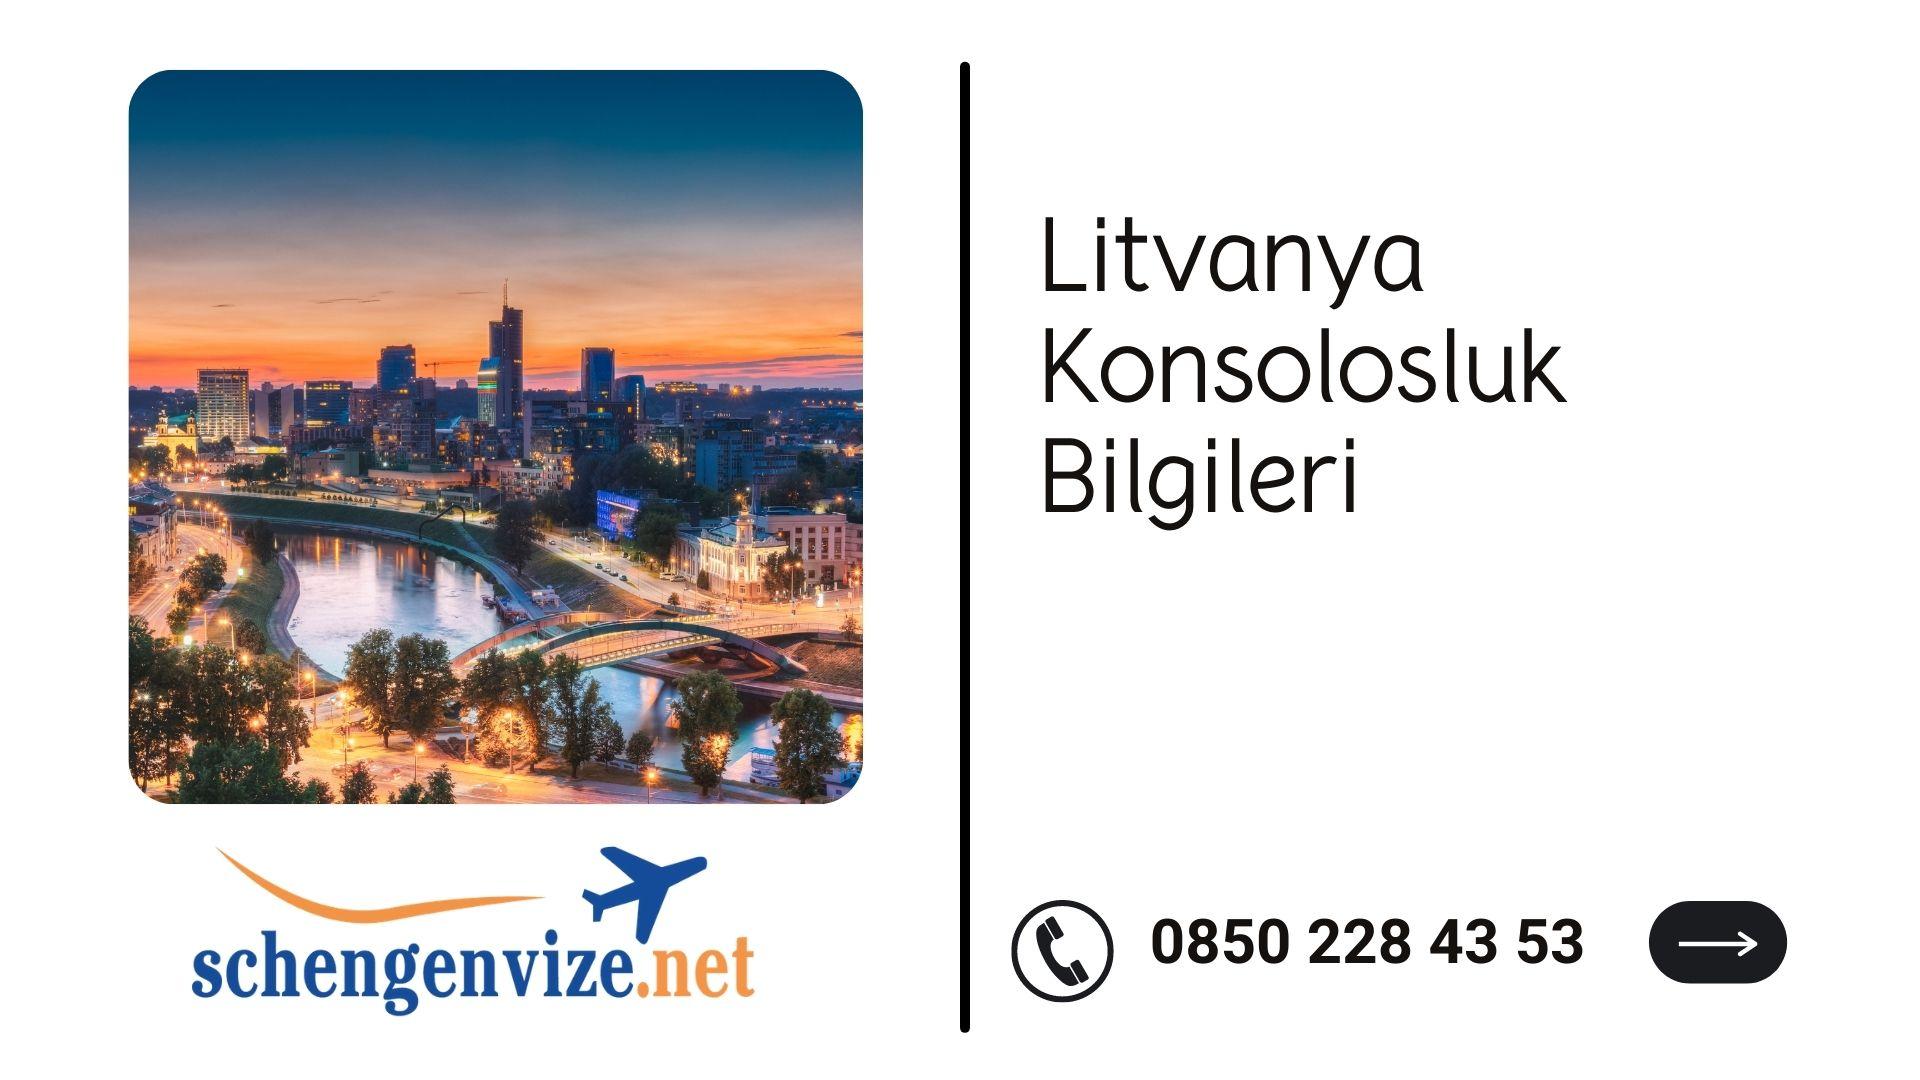 Litvanya Konsolosluk Bilgileri